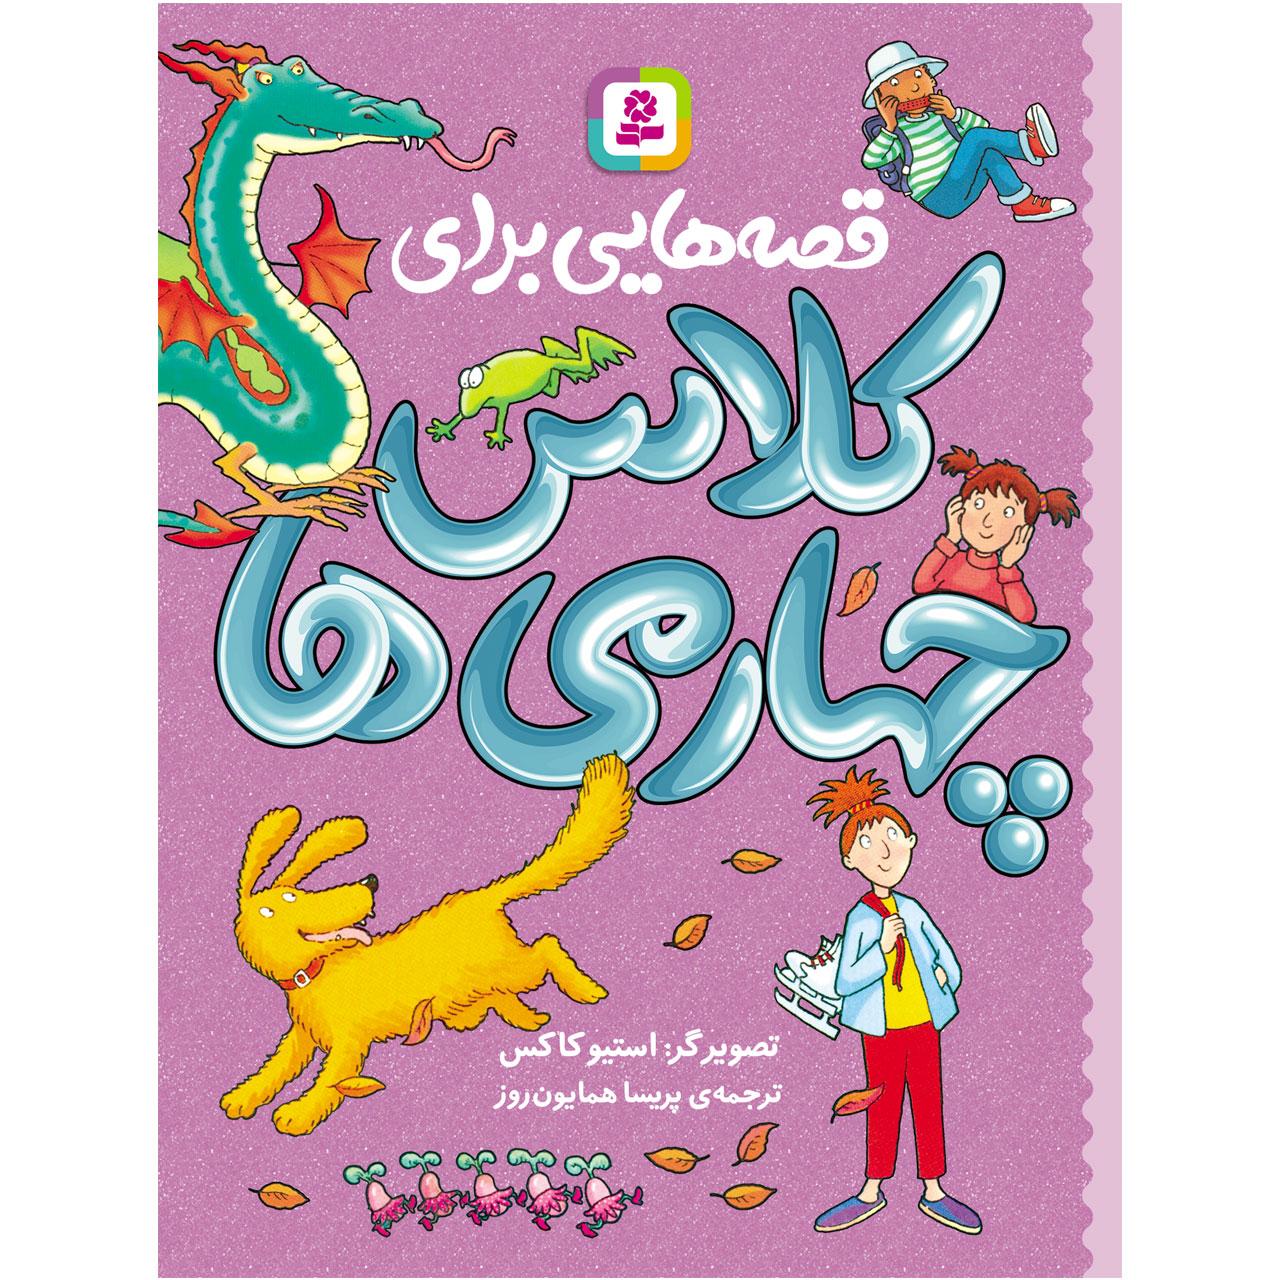 خرید                      کتاب قصه هایی برای کلاس چهارمی ها اثر جمعی از نویسندگان انتشارات قدیانی